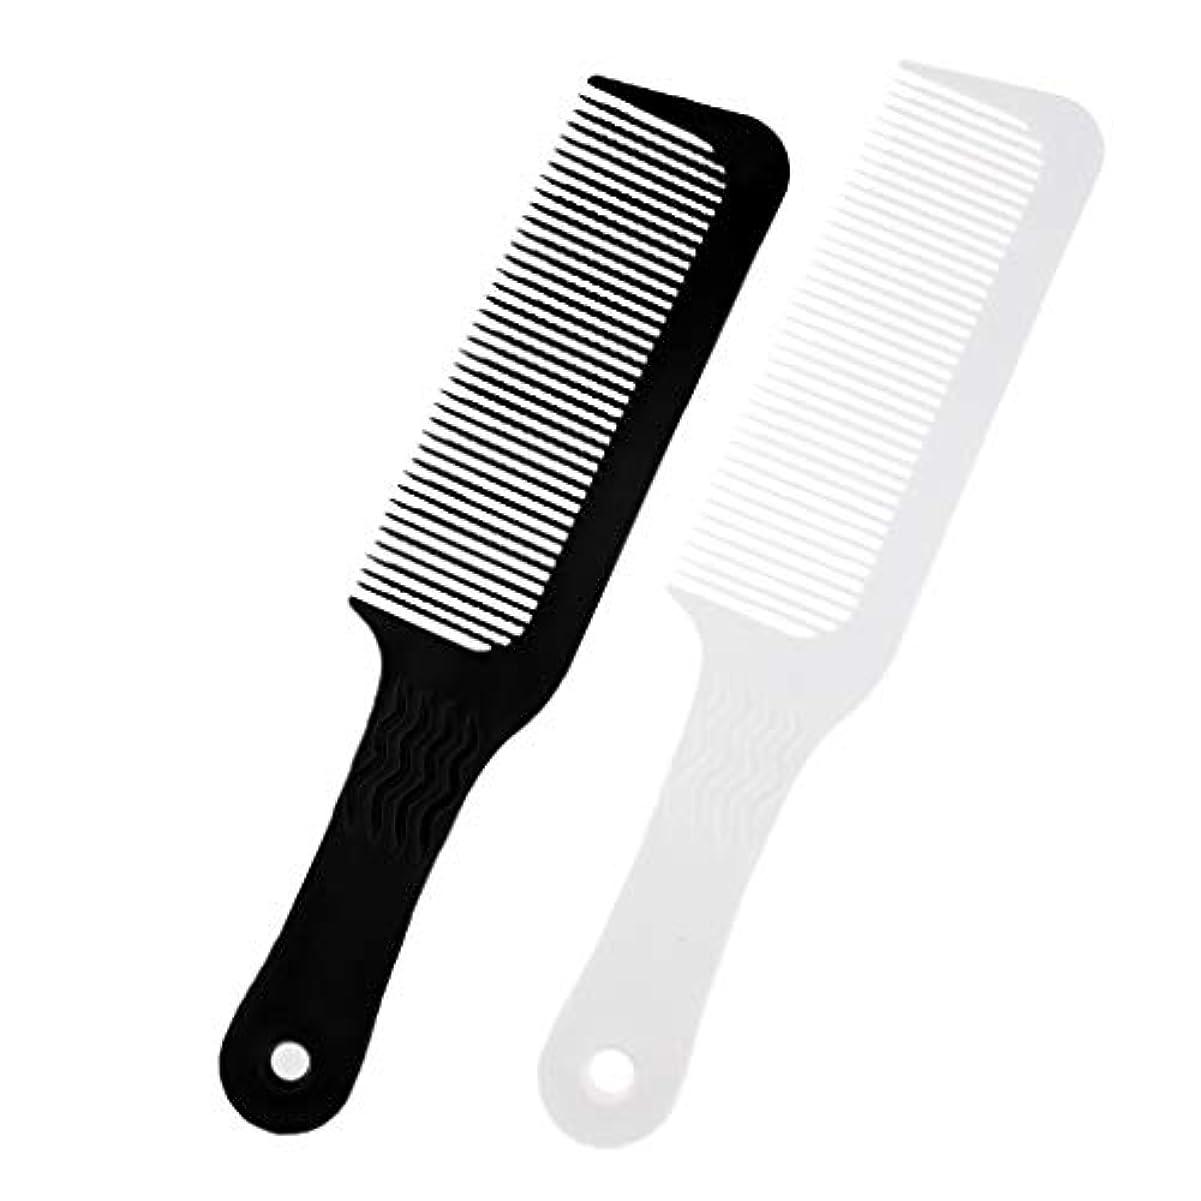 上に築きます有能なサポートToygogo プロ3ピース理髪サロンフラットトップクリッパーくし美容師スタイリング切削デタングルブラシツール